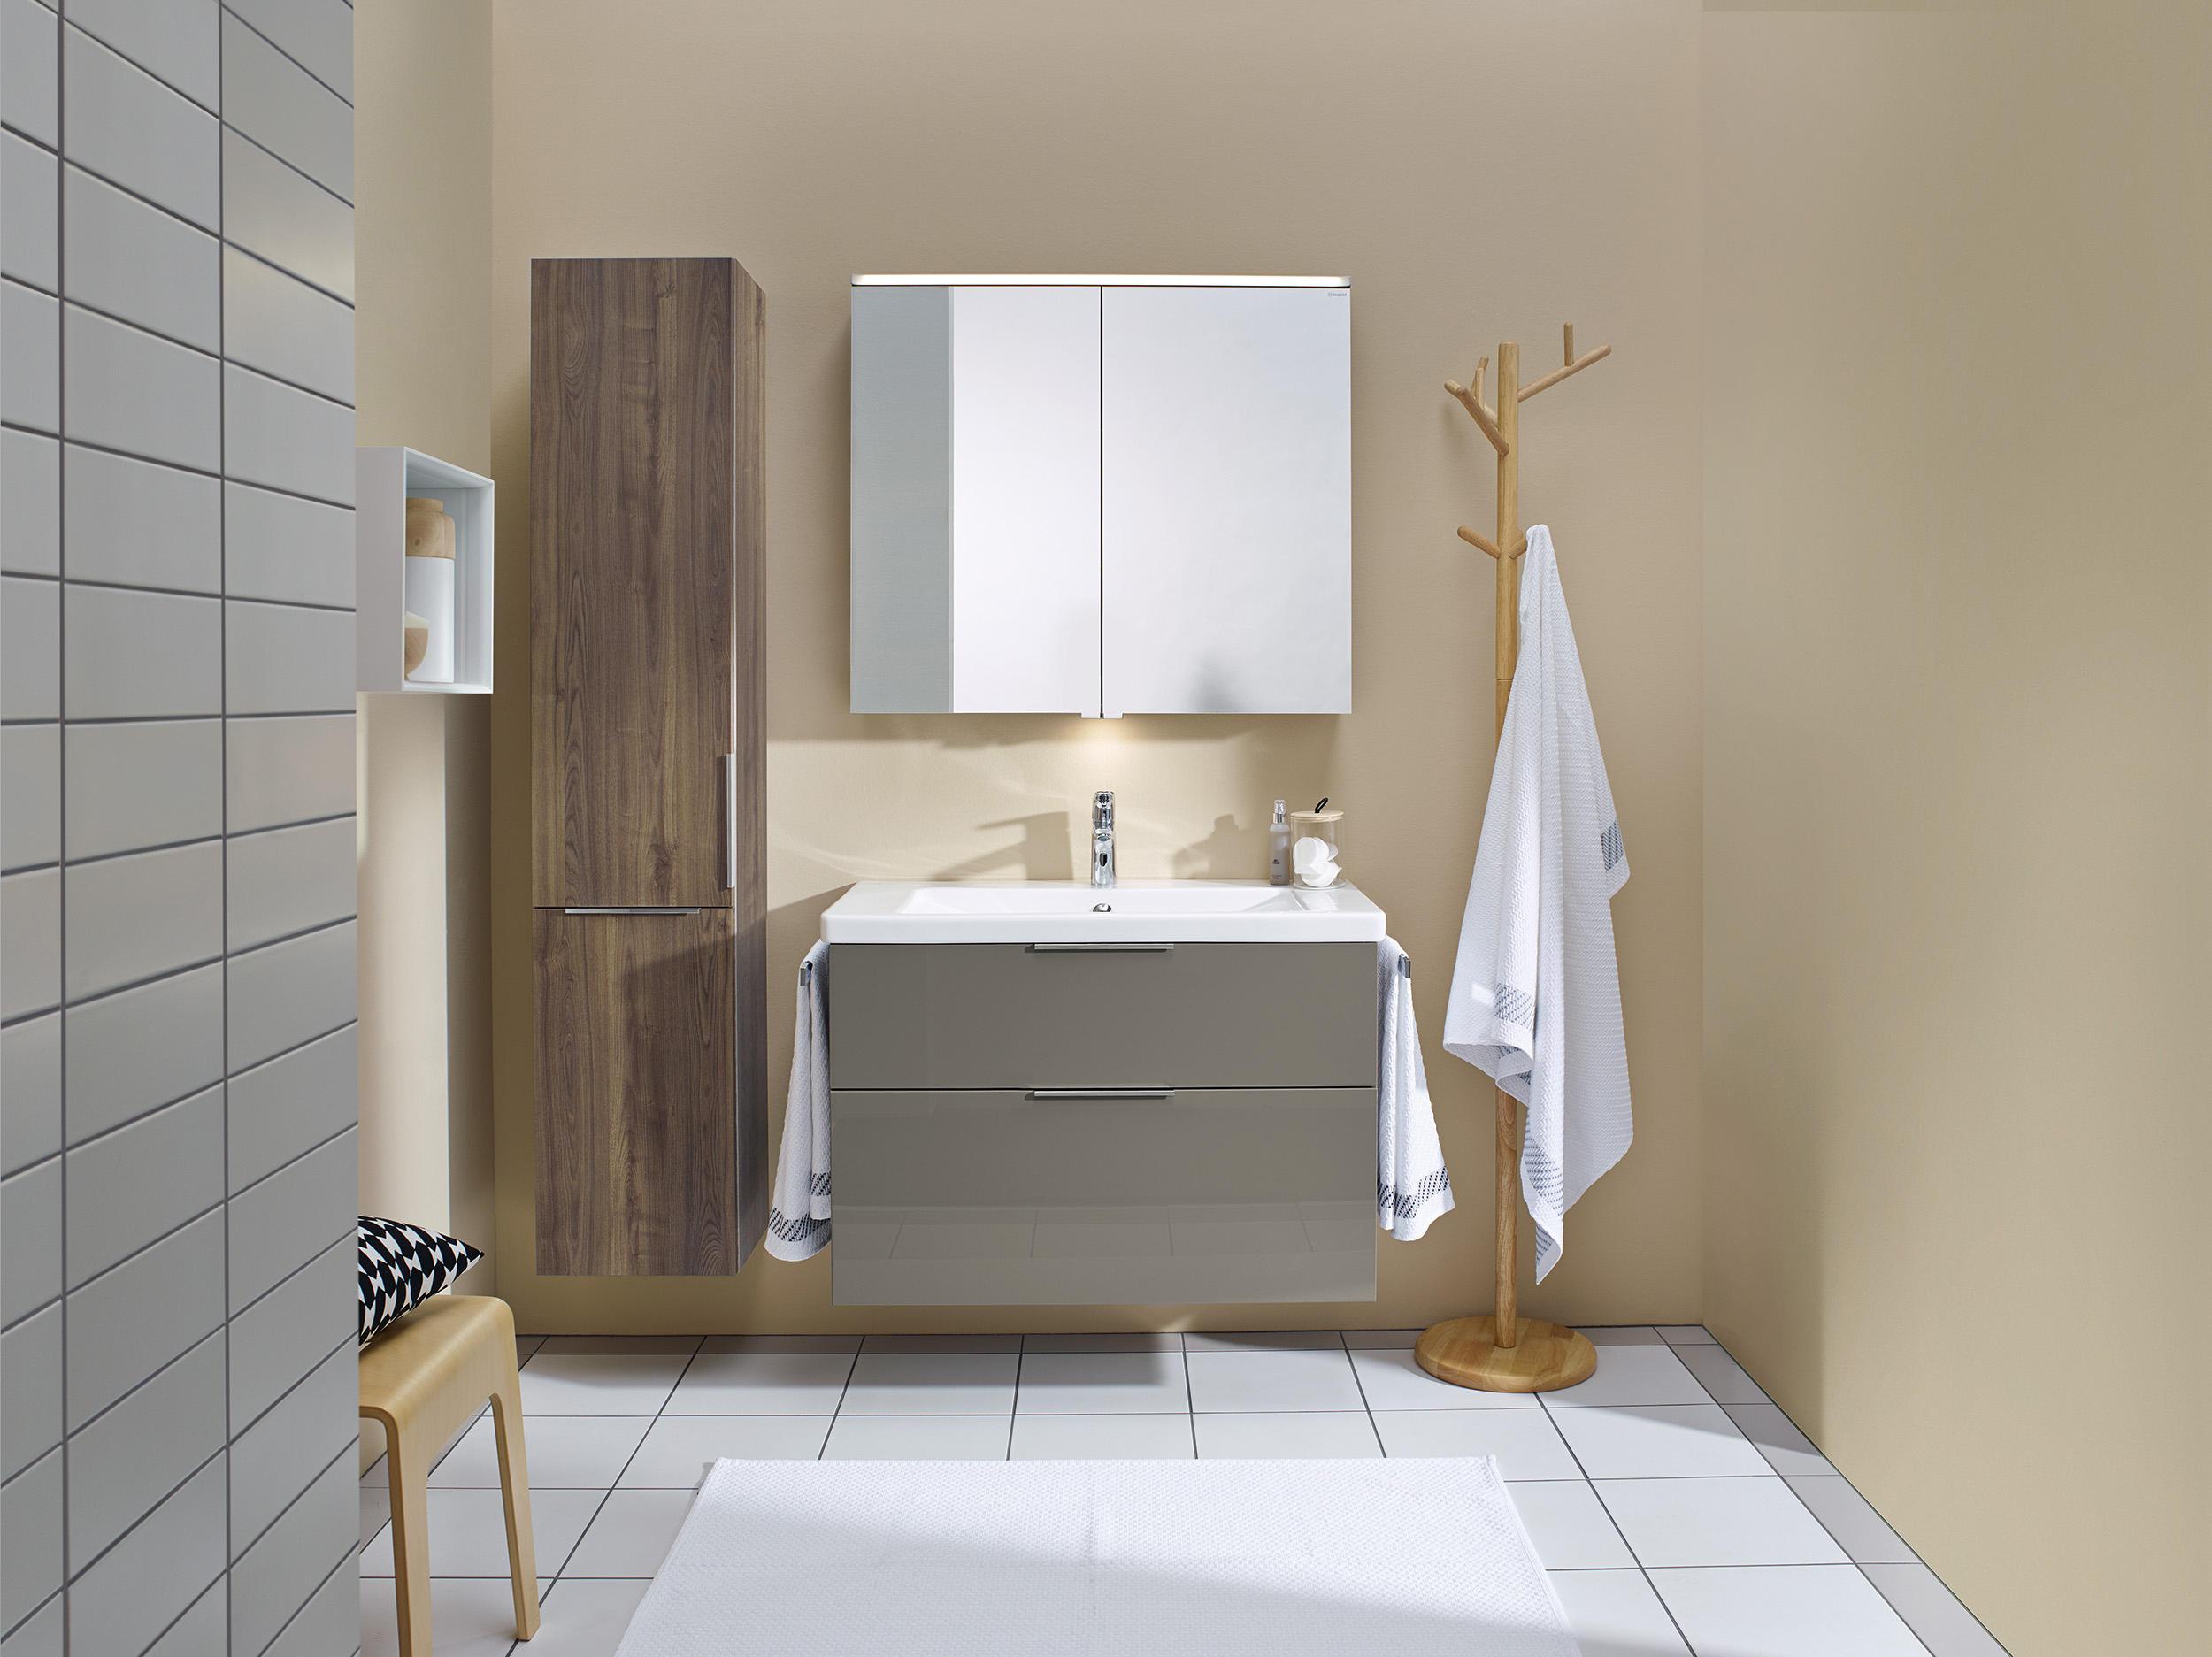 eqio hochschrank wandschr nke von burgbad architonic. Black Bedroom Furniture Sets. Home Design Ideas